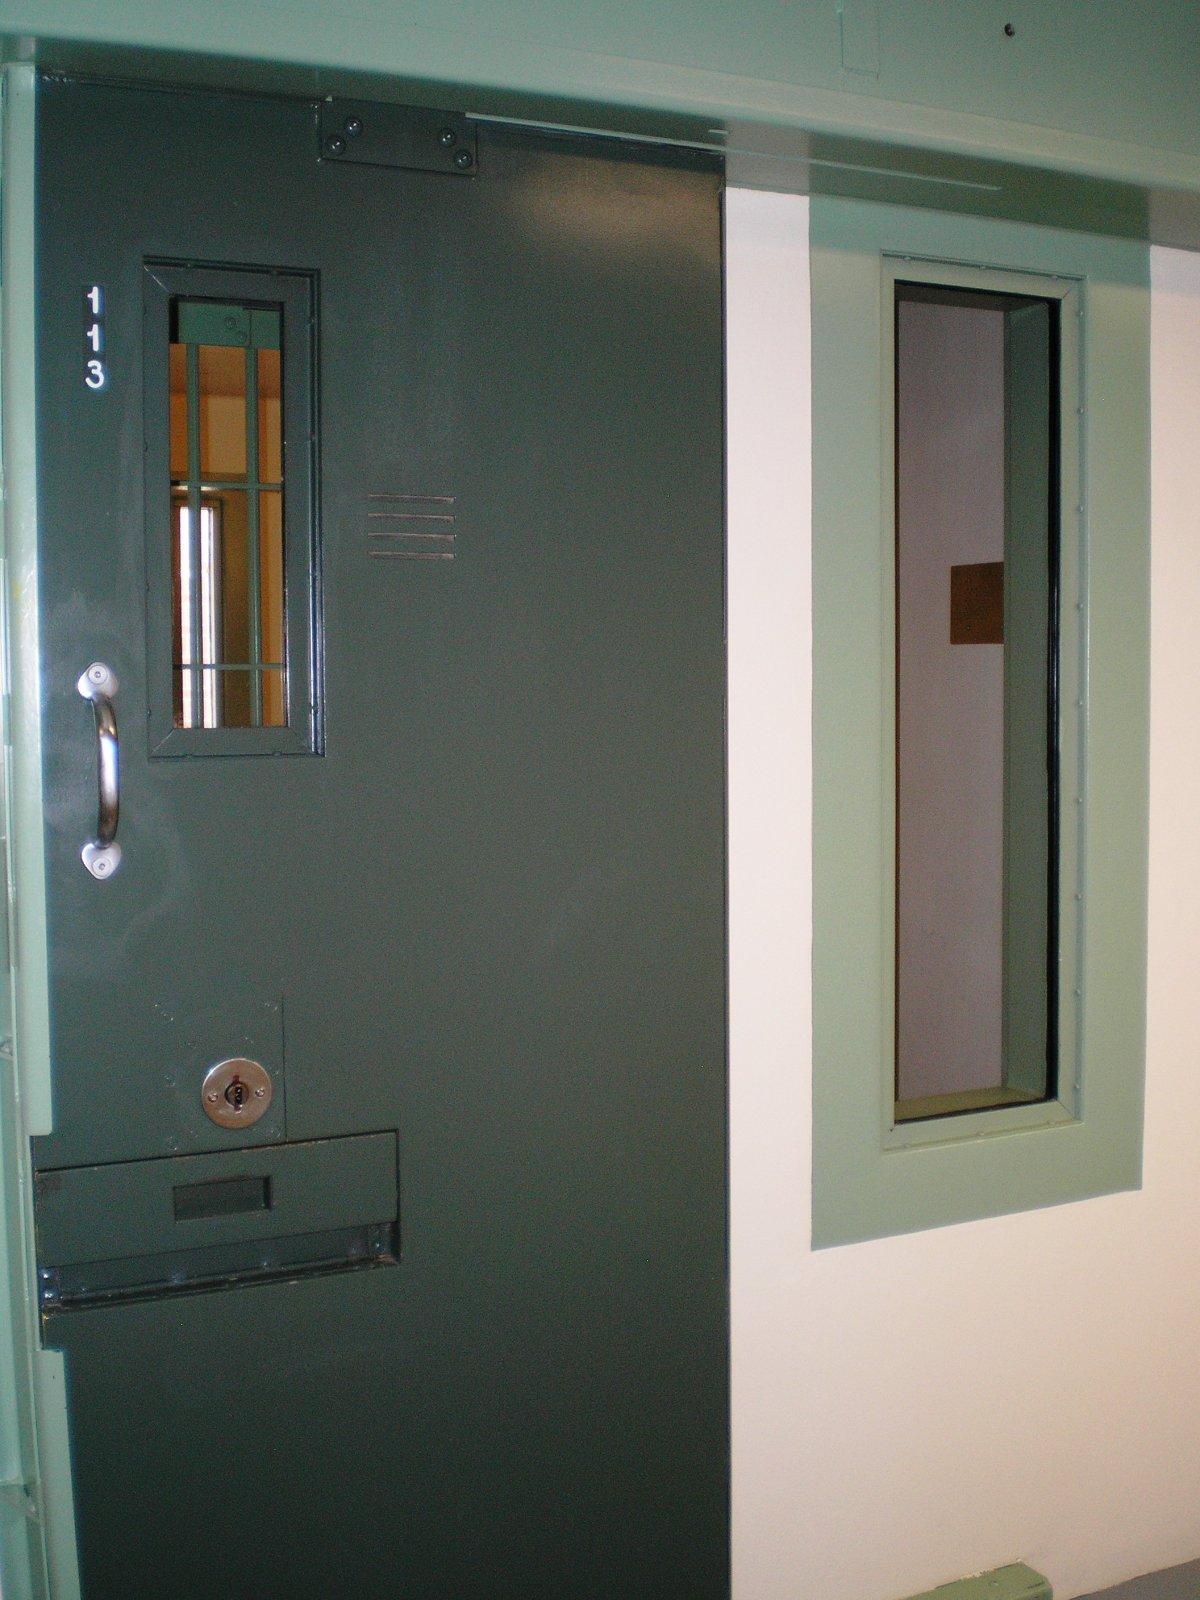 Это сектор строгого режима (Control Unit), одна из самых охраняемых зон ADX наряду с сектором одиноч